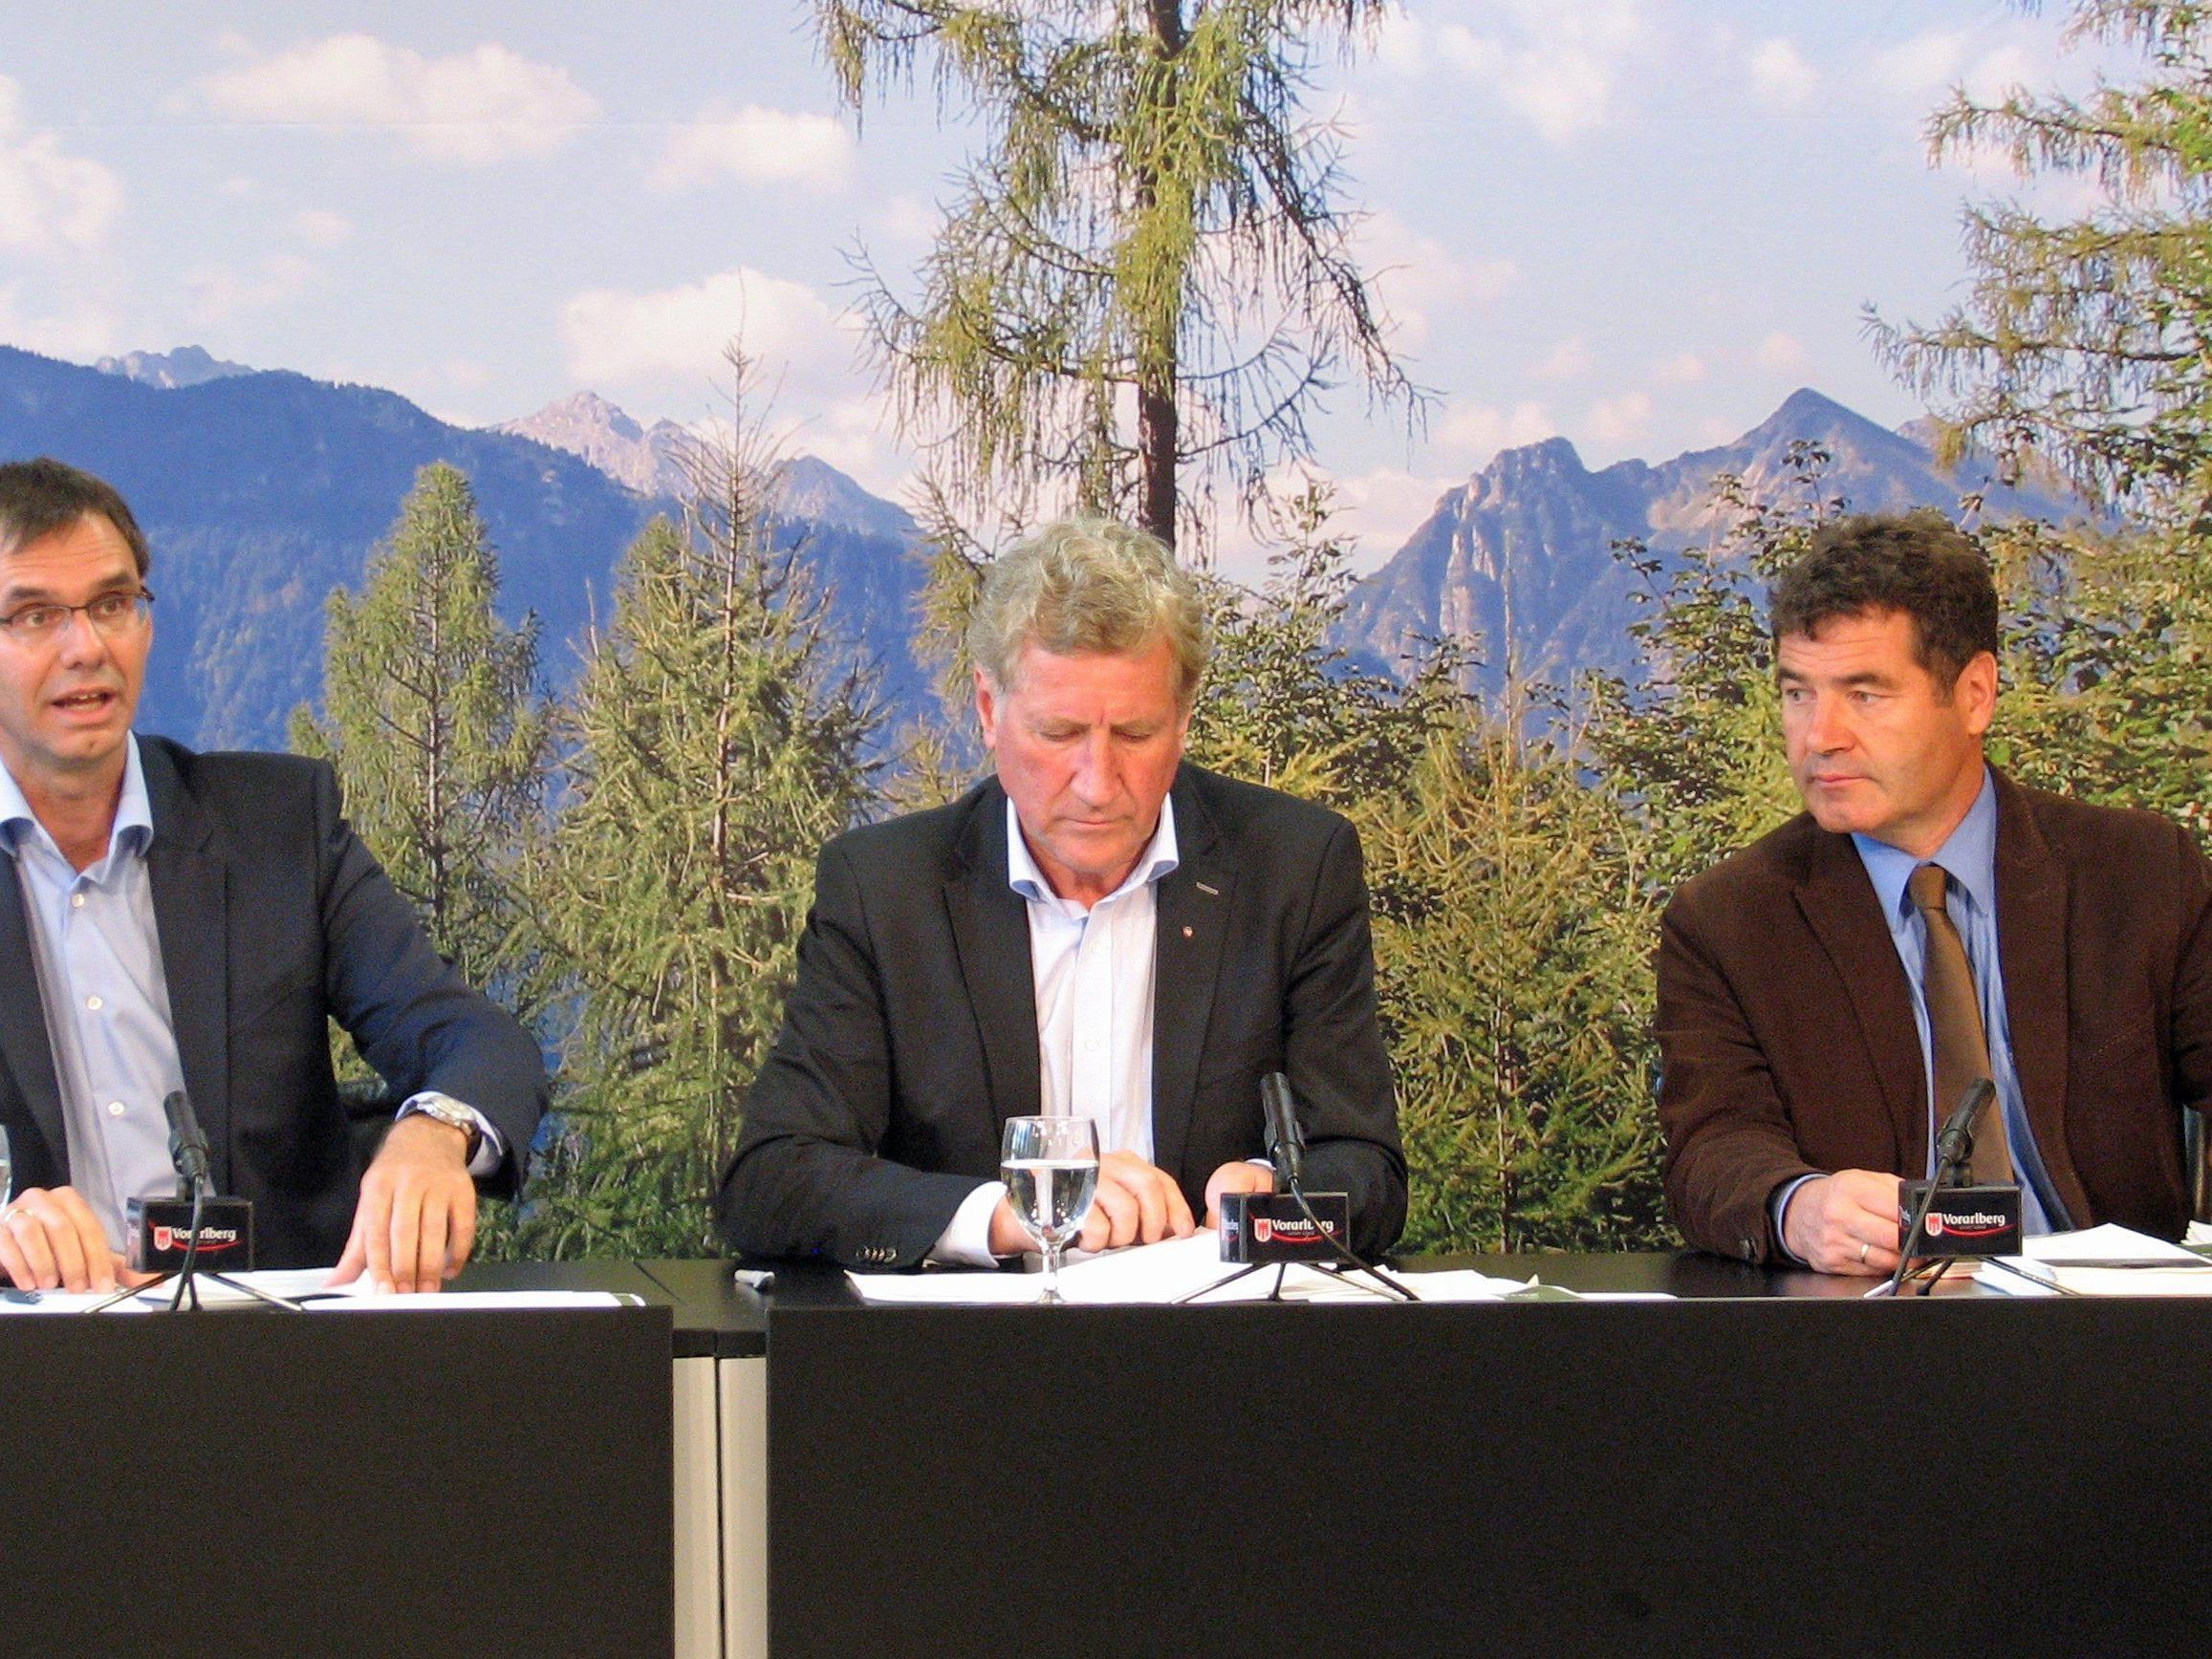 Landeshauptmann Wallner, Landesrat Schwärzler und Forstexperte Amann präsentierten im Pressefoyer eine Zwischenbilanz der Vorarlberger Waldstrategie